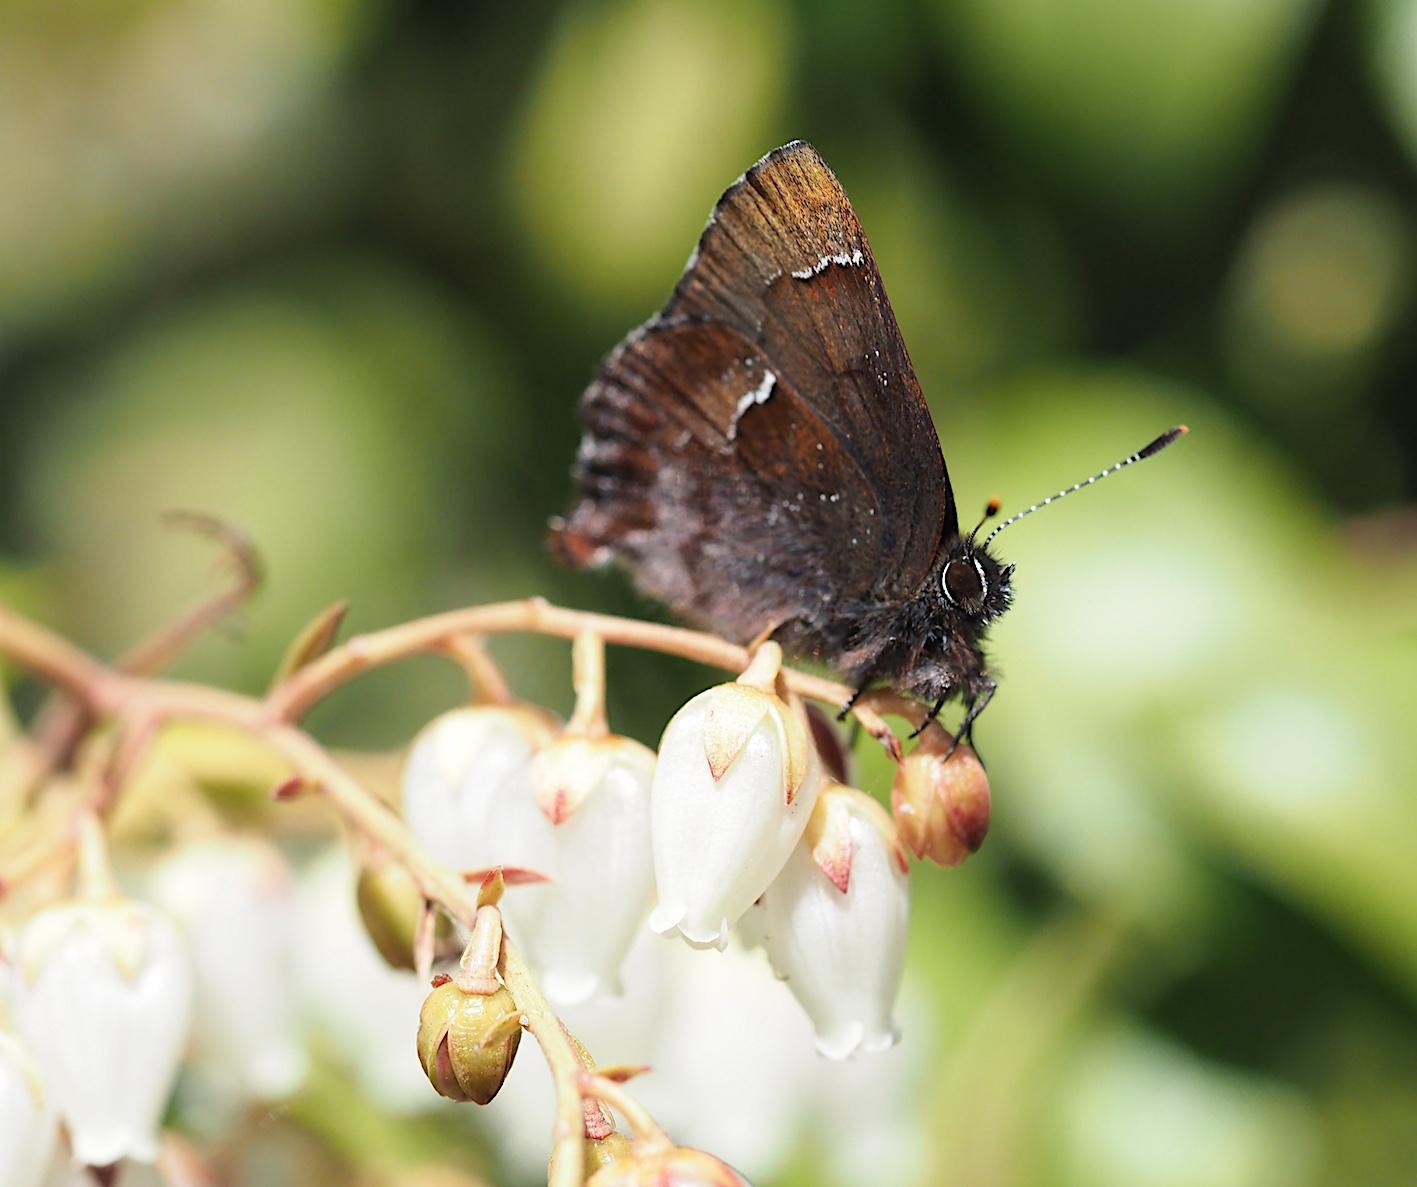 アセビにくる蝶たち、コツバメ(2019年3月27日)_d0303129_14192015.jpg